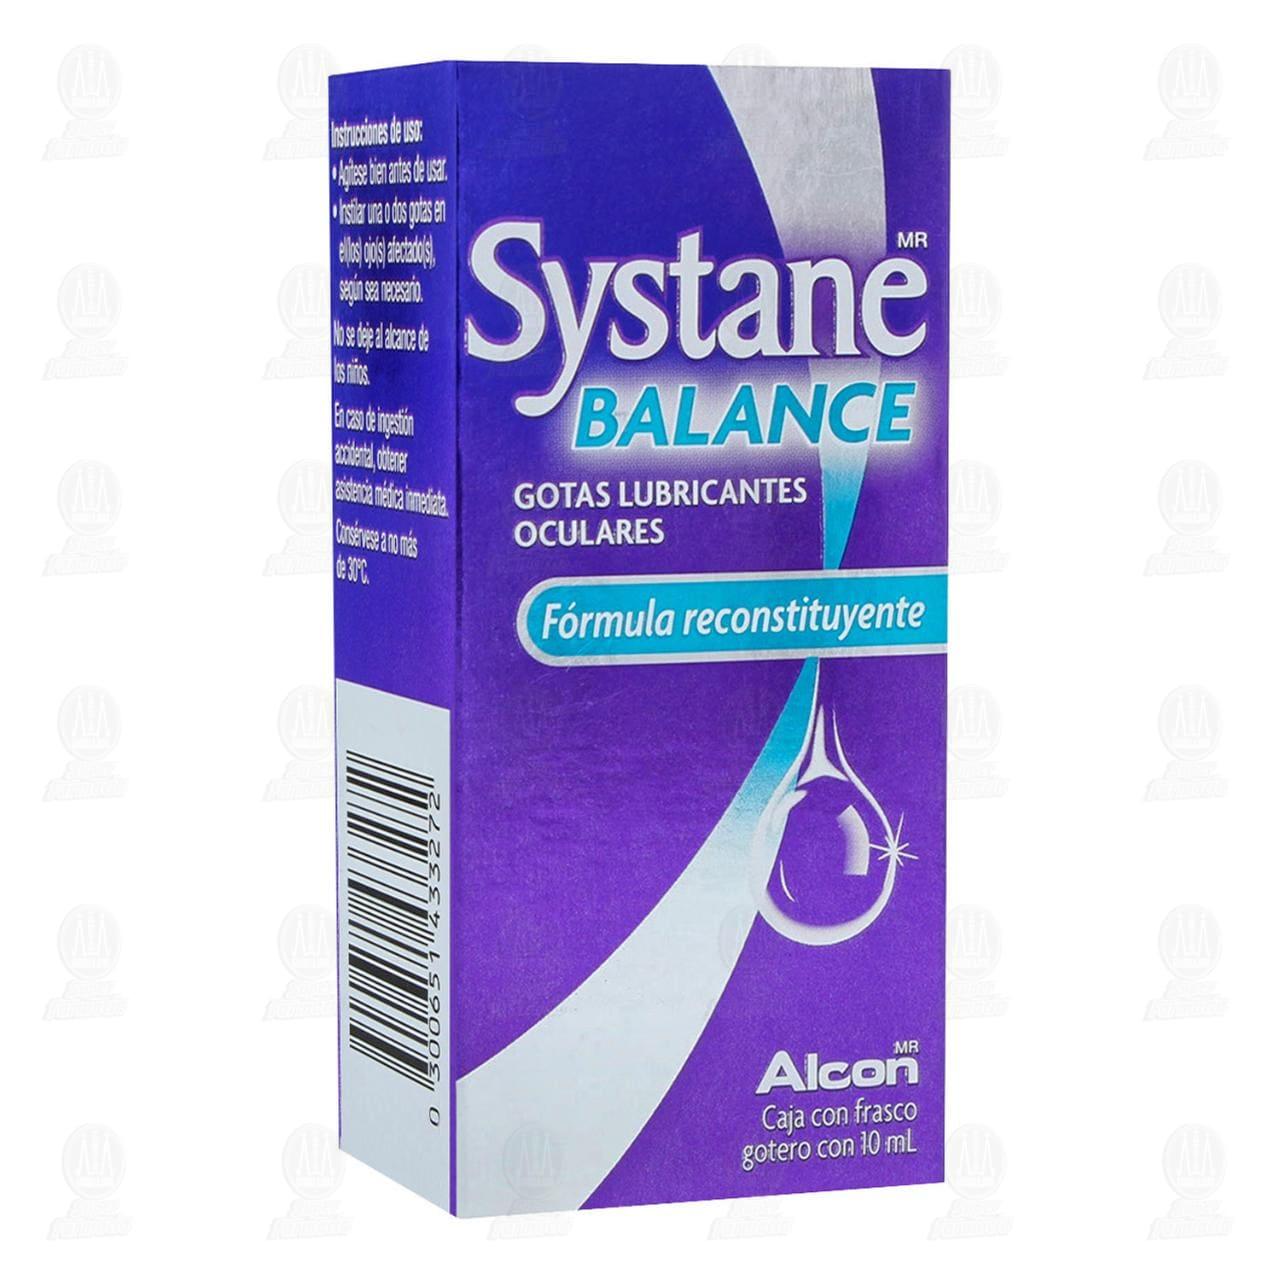 Comprar Systane Balance 10ml Gotas Lubricantes en Farmacias Guadalajara